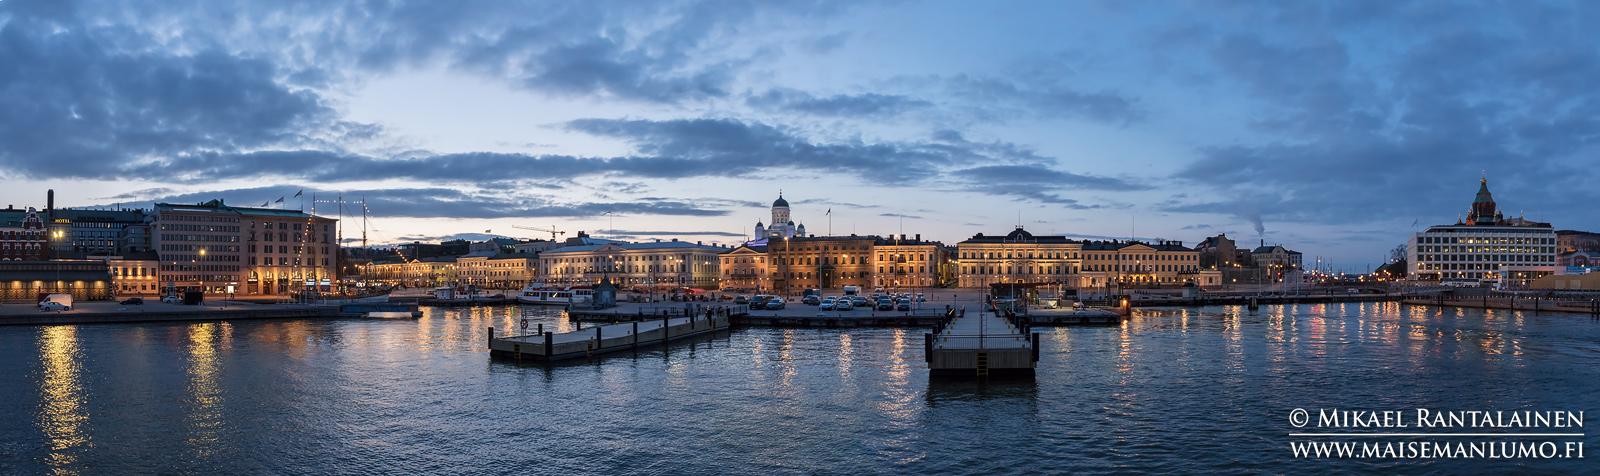 Kauppatori Suomenlinnan lautalta, Eteläsatama, Helsinki (HP154)